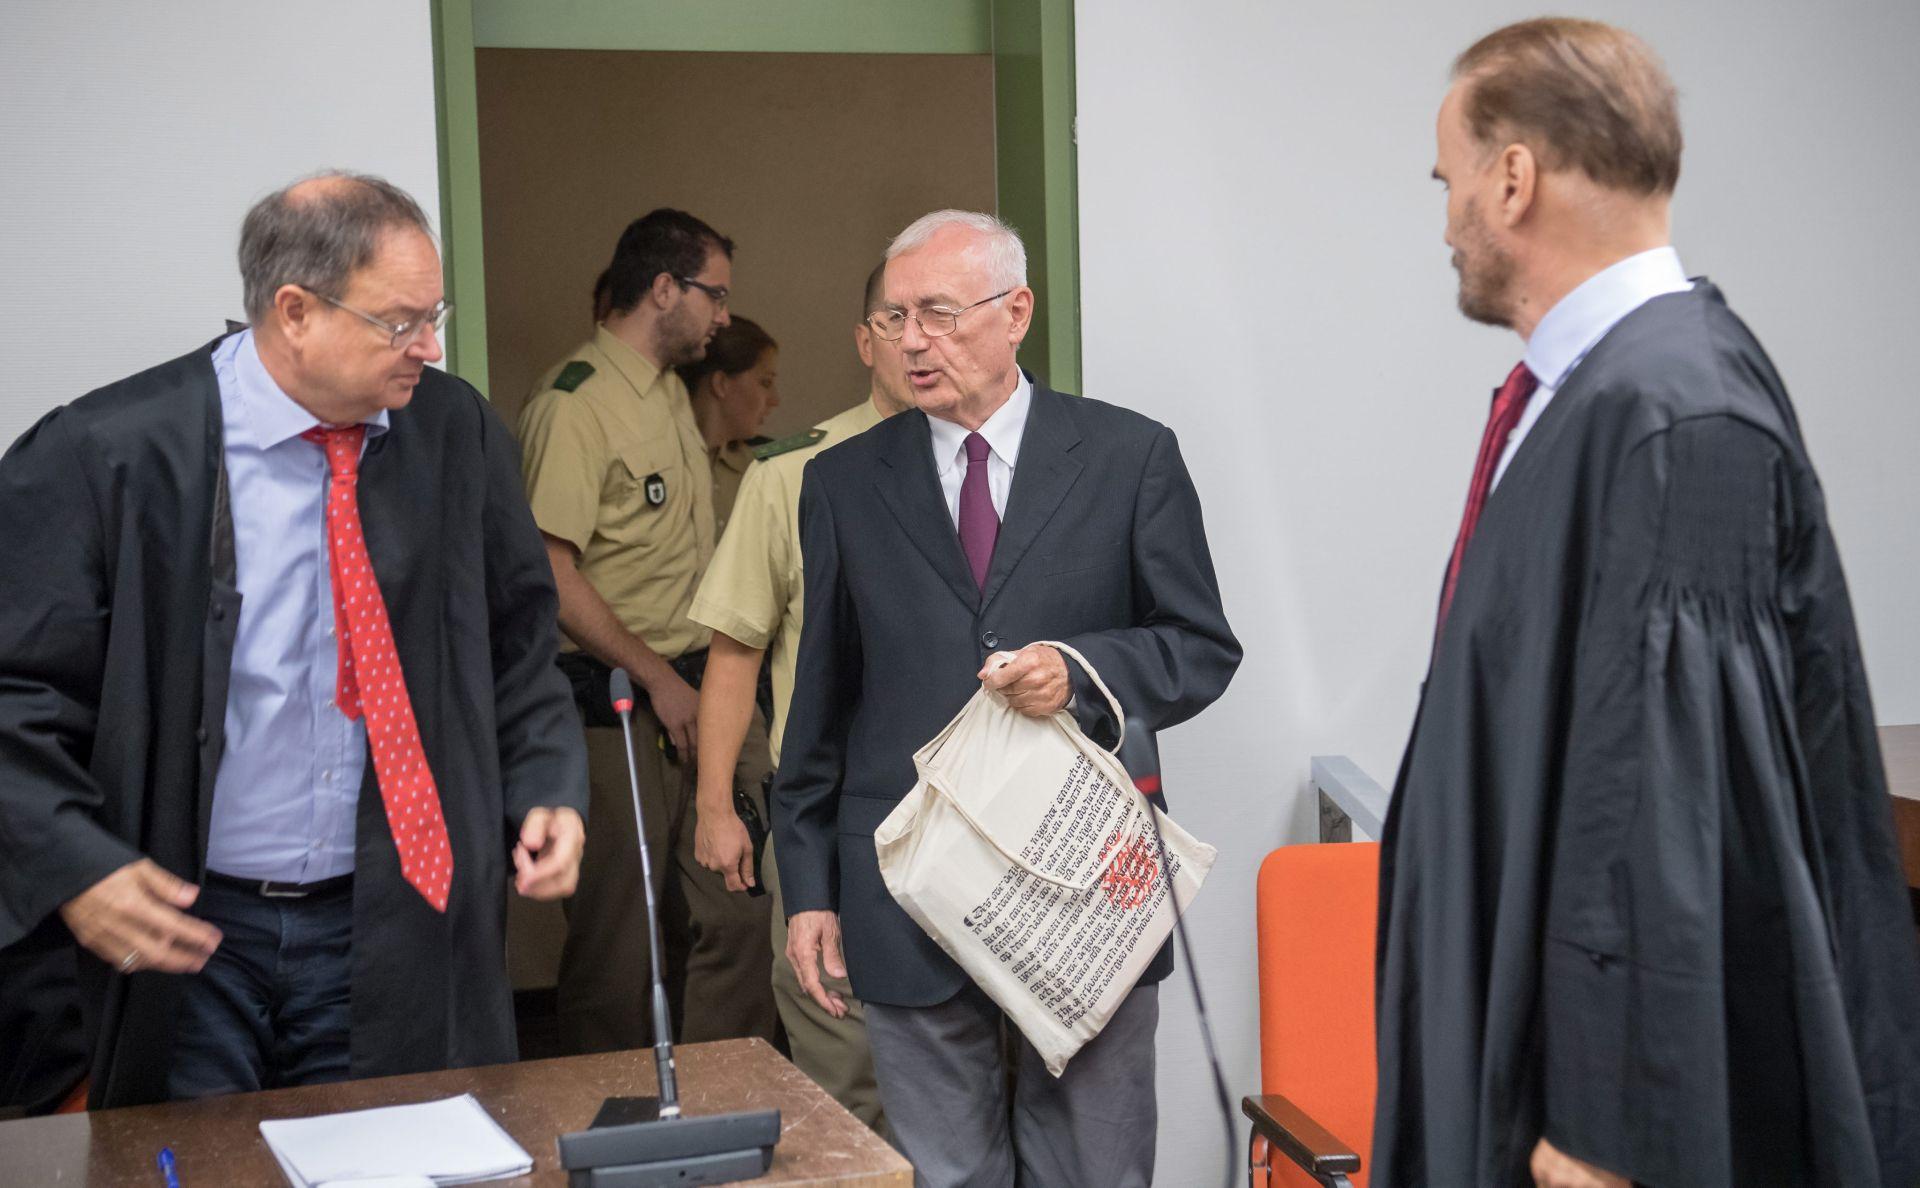 UTEMELJITELJI HDZ-a: Laž je da su Perković i Mustač bili među osnivačima HDZ-a